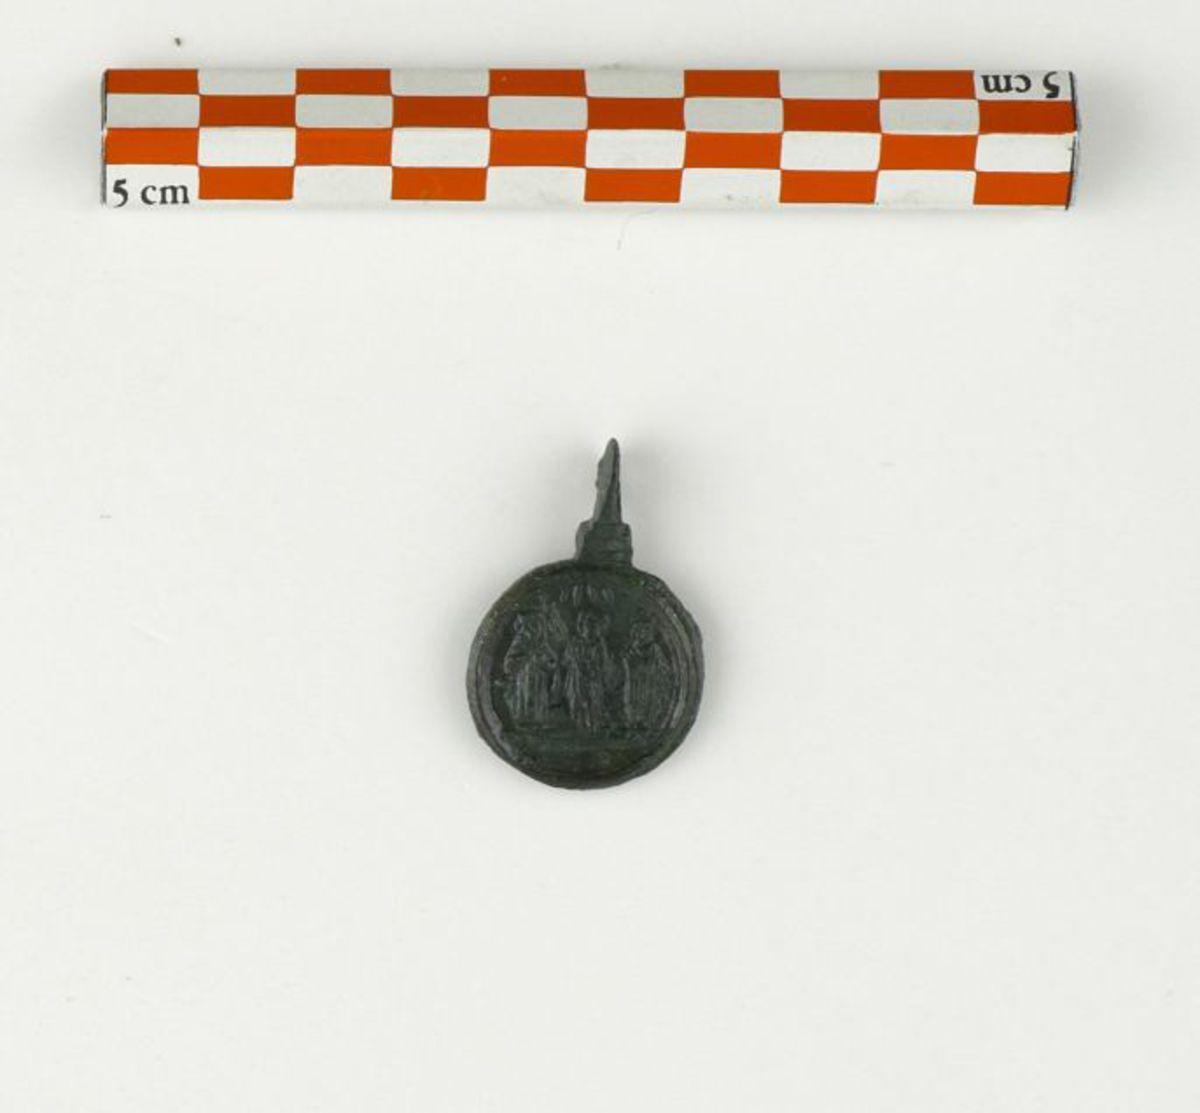 archéologie ; numismatique ; croyances - coutumes 18e siècle 17e-18e siècle